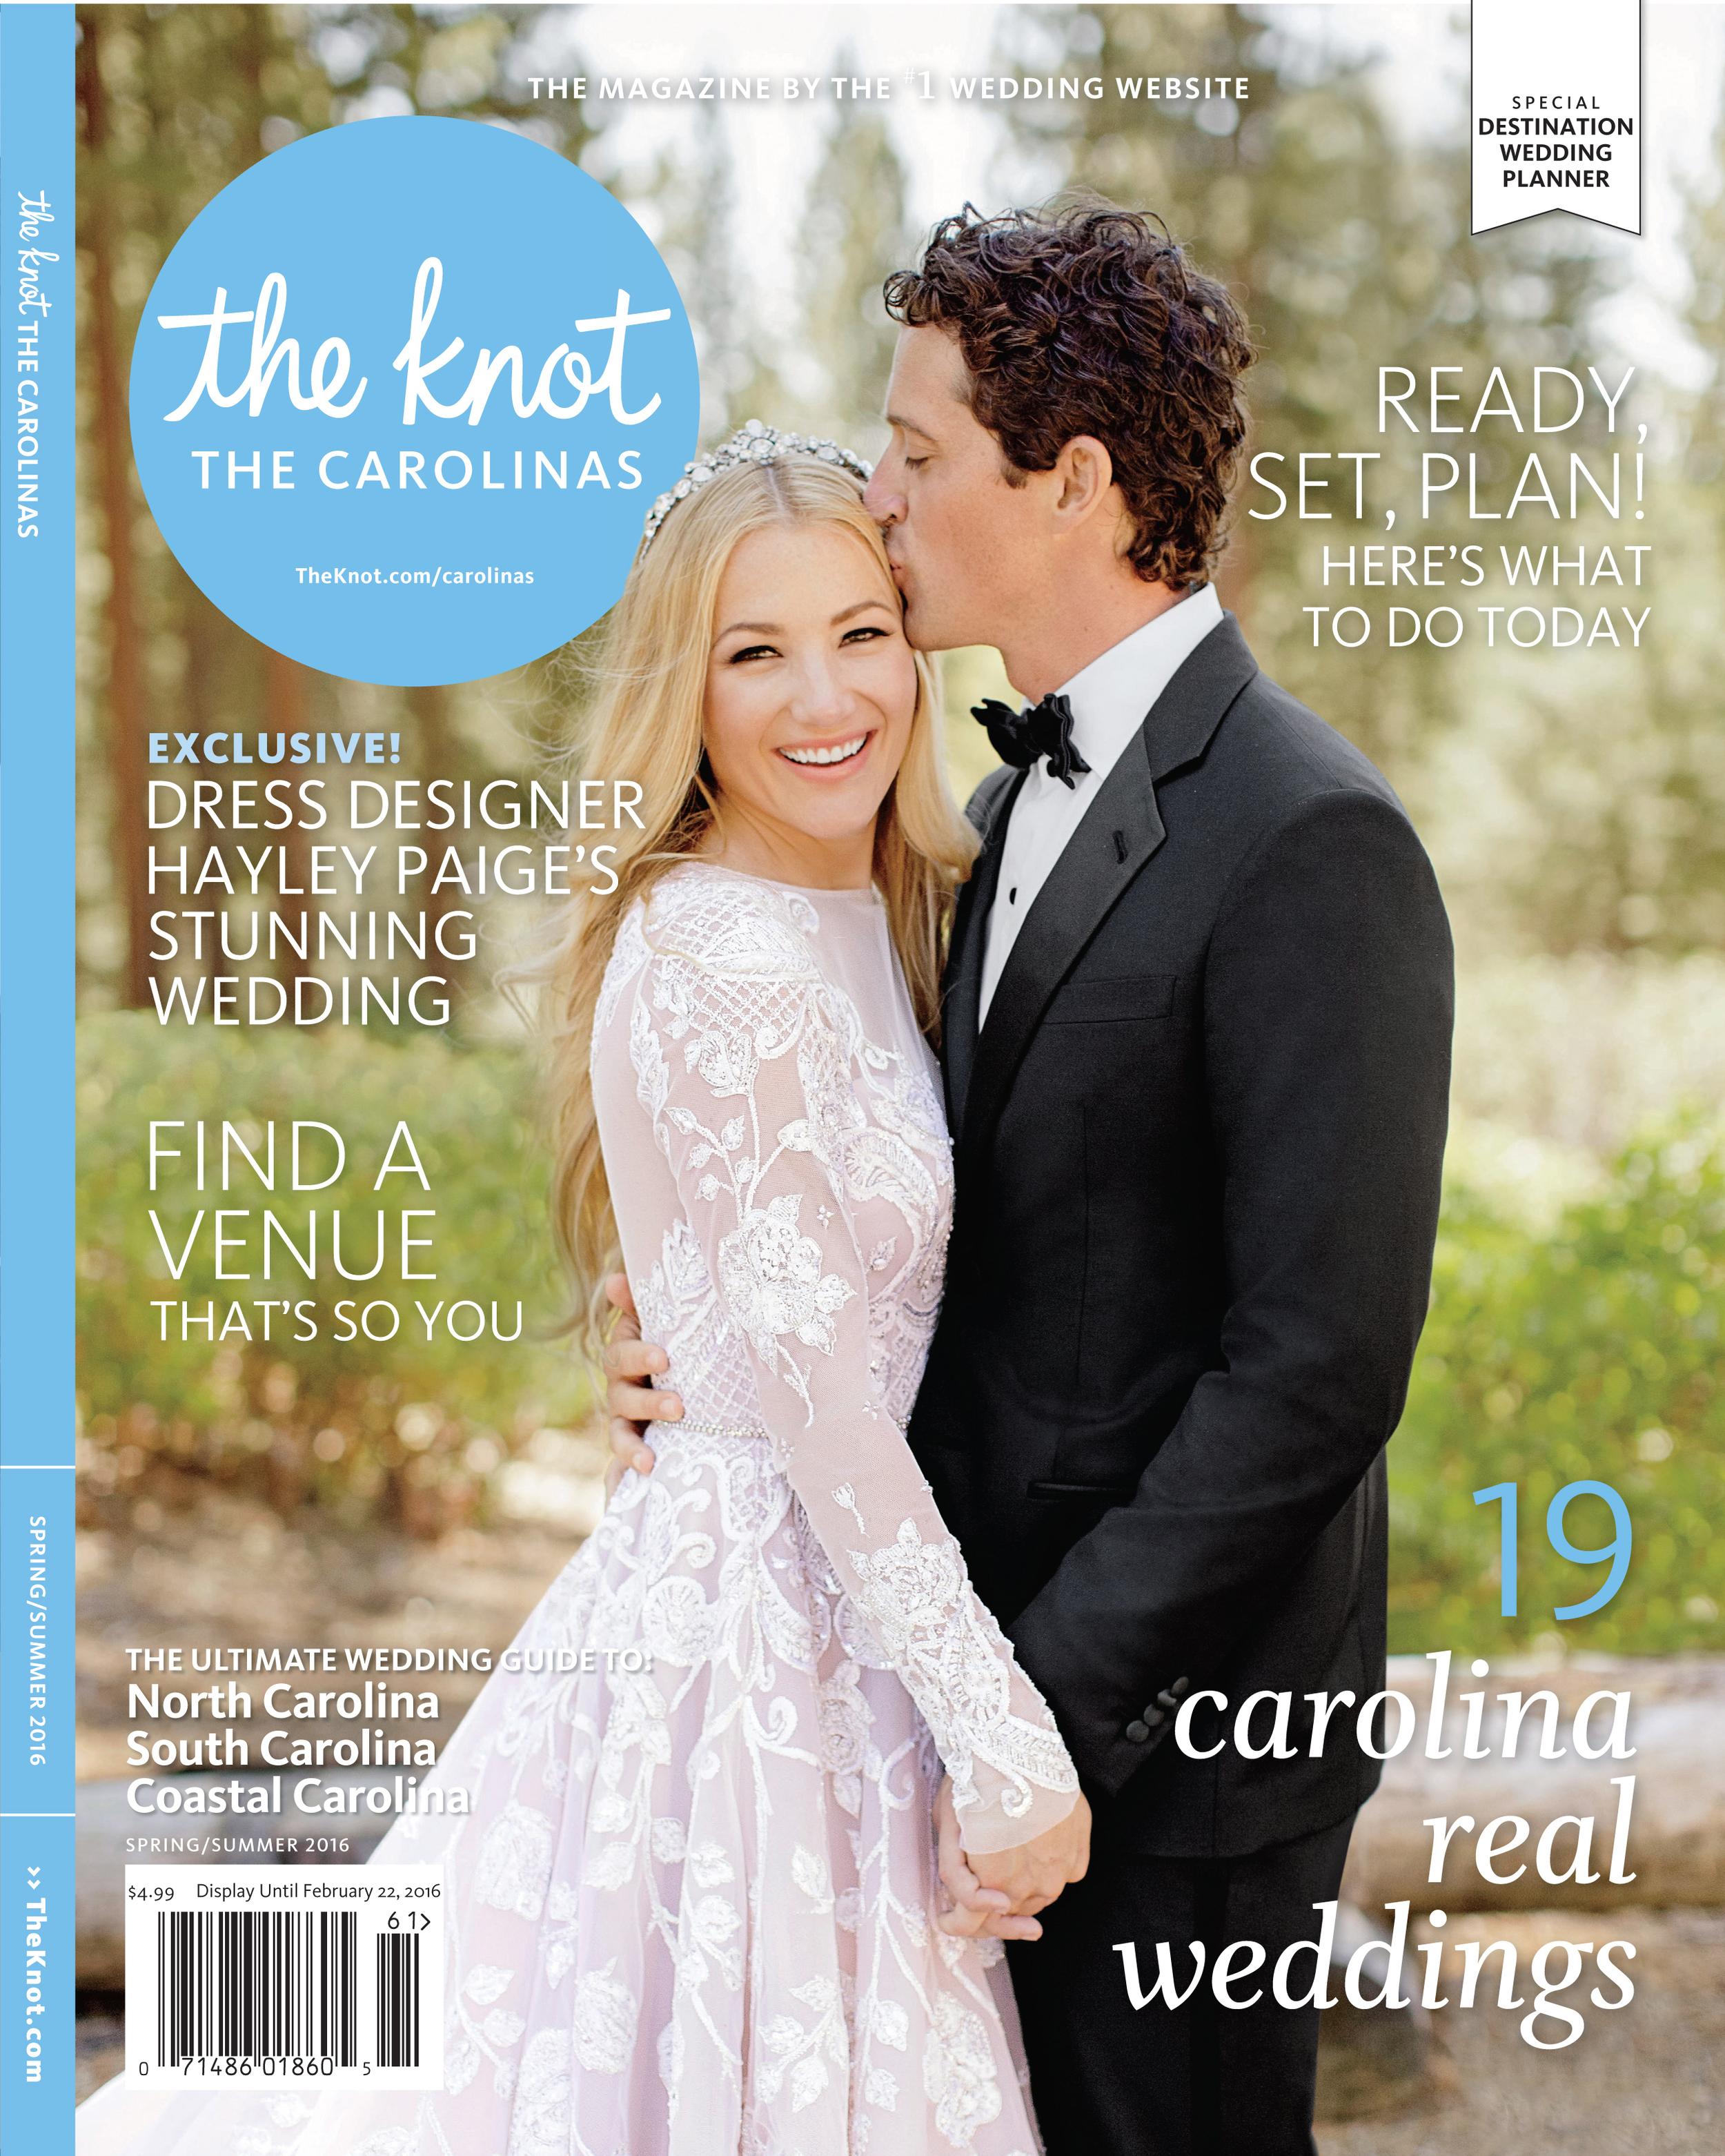 The Knot Carolinas SS16 Cover2.jpg